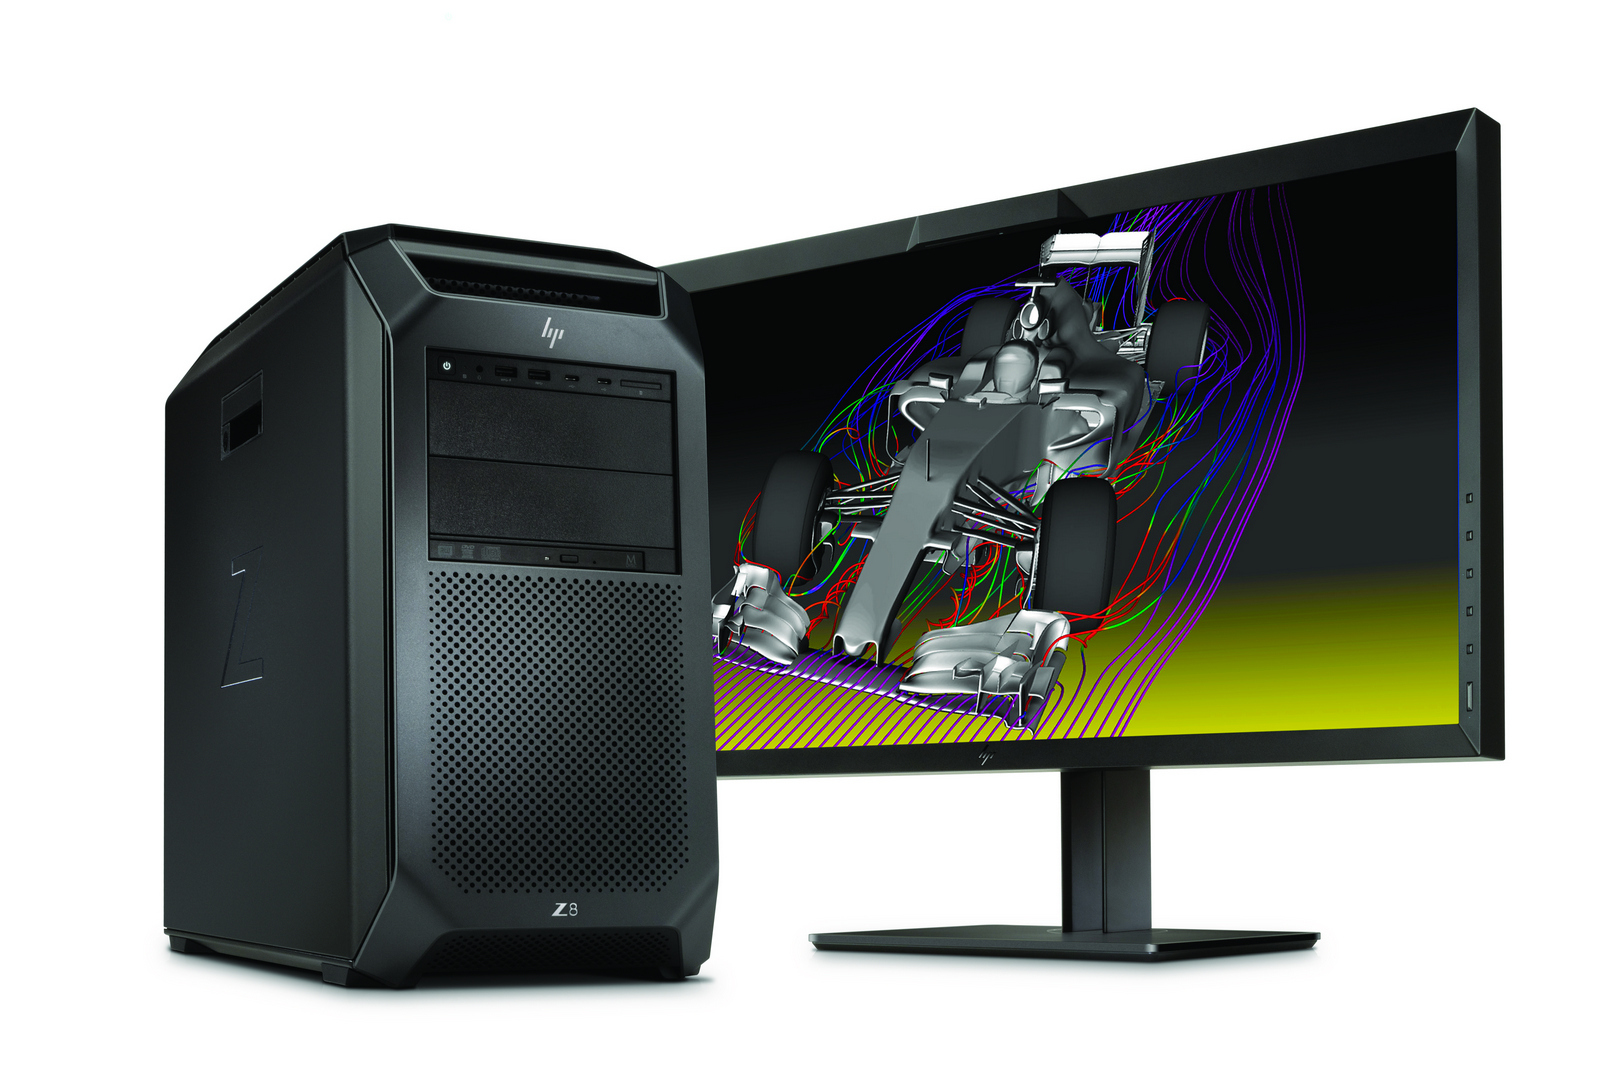 hp-z8-workstation-with-hp-z31x-display-1.jpg